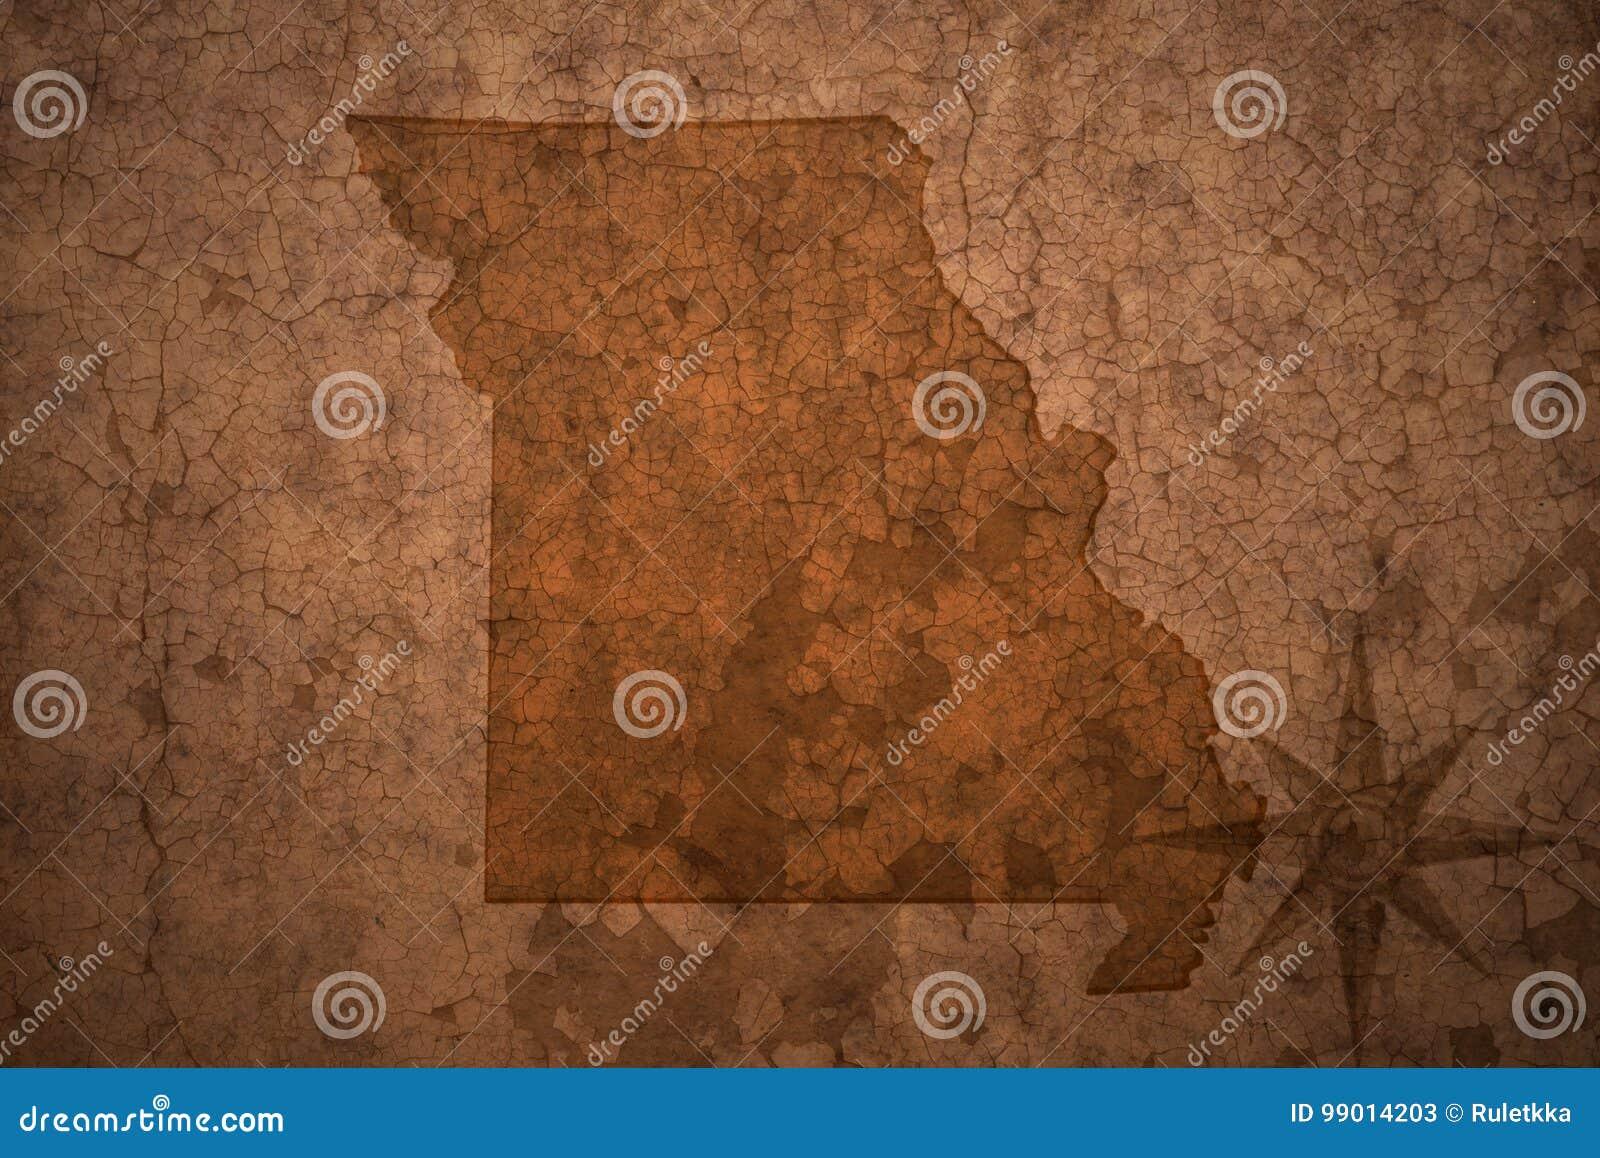 Missouri stanu mapa na starym rocznika papieru tle